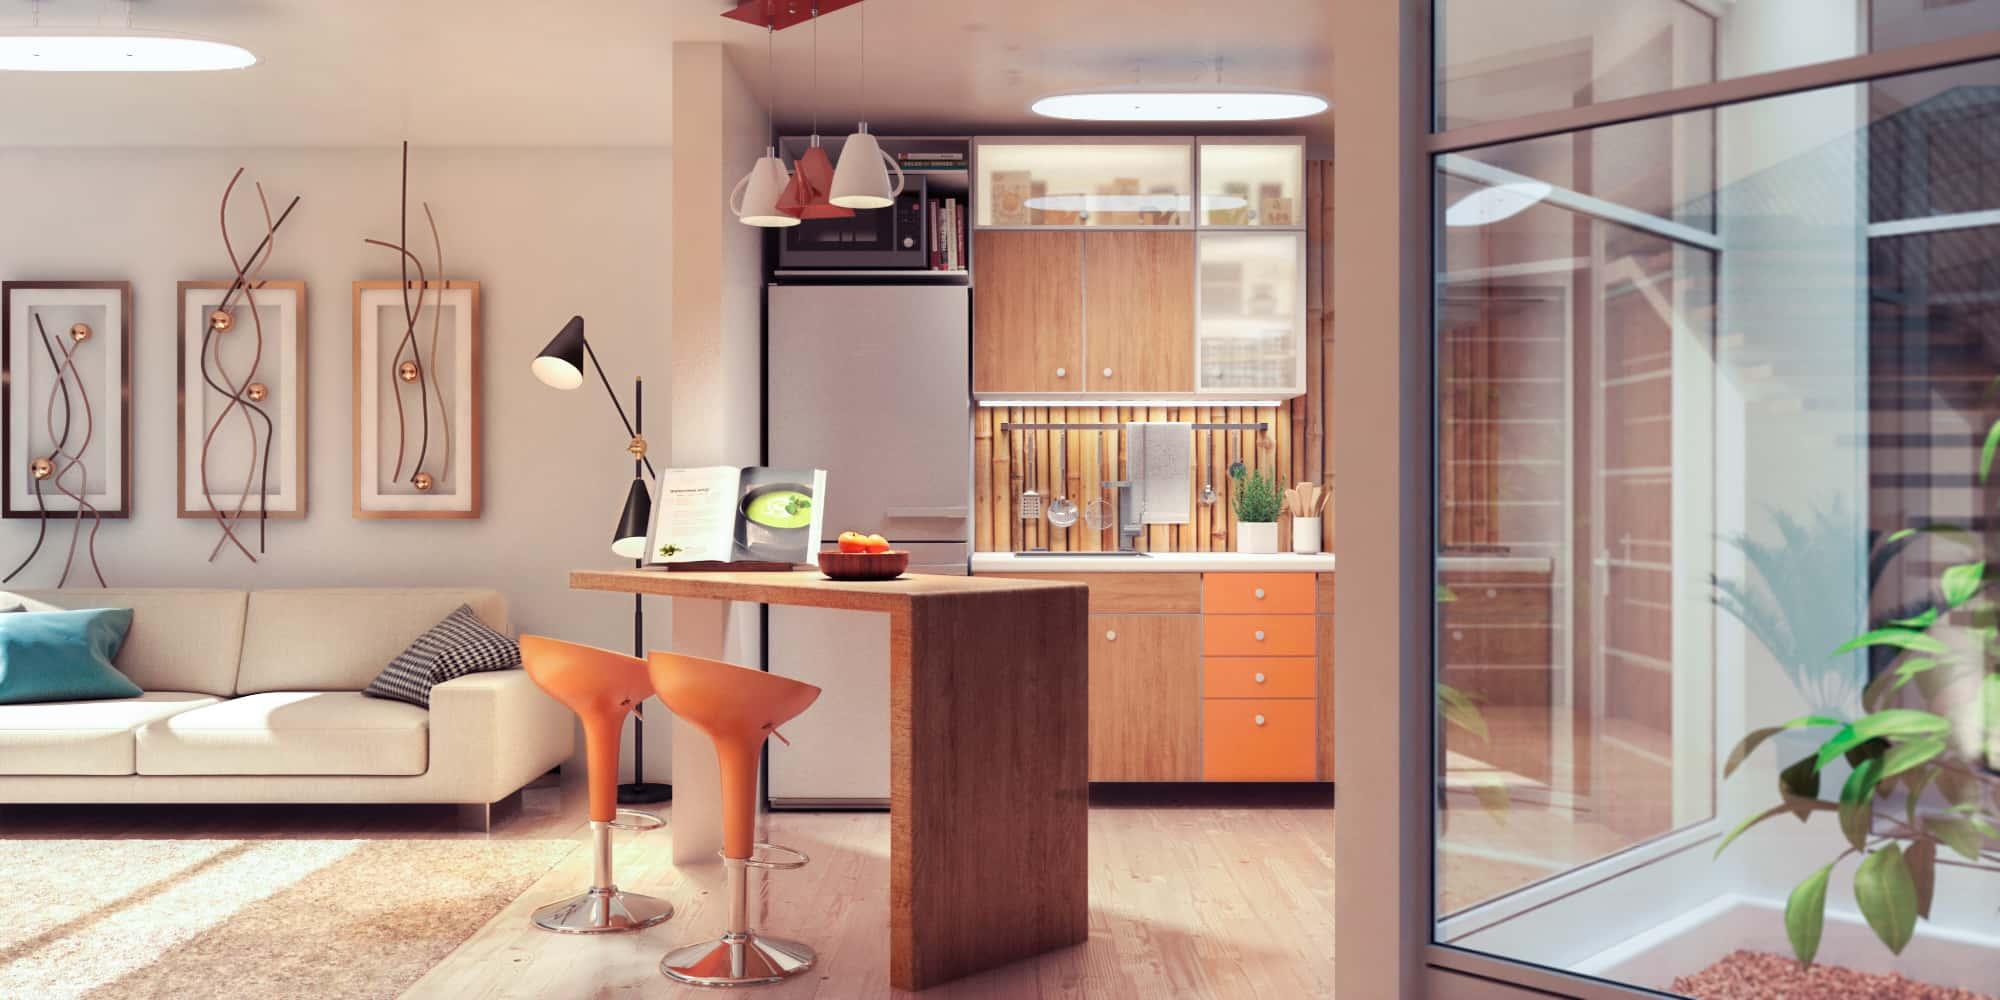 Cocina y sala de casa de dos niveles.